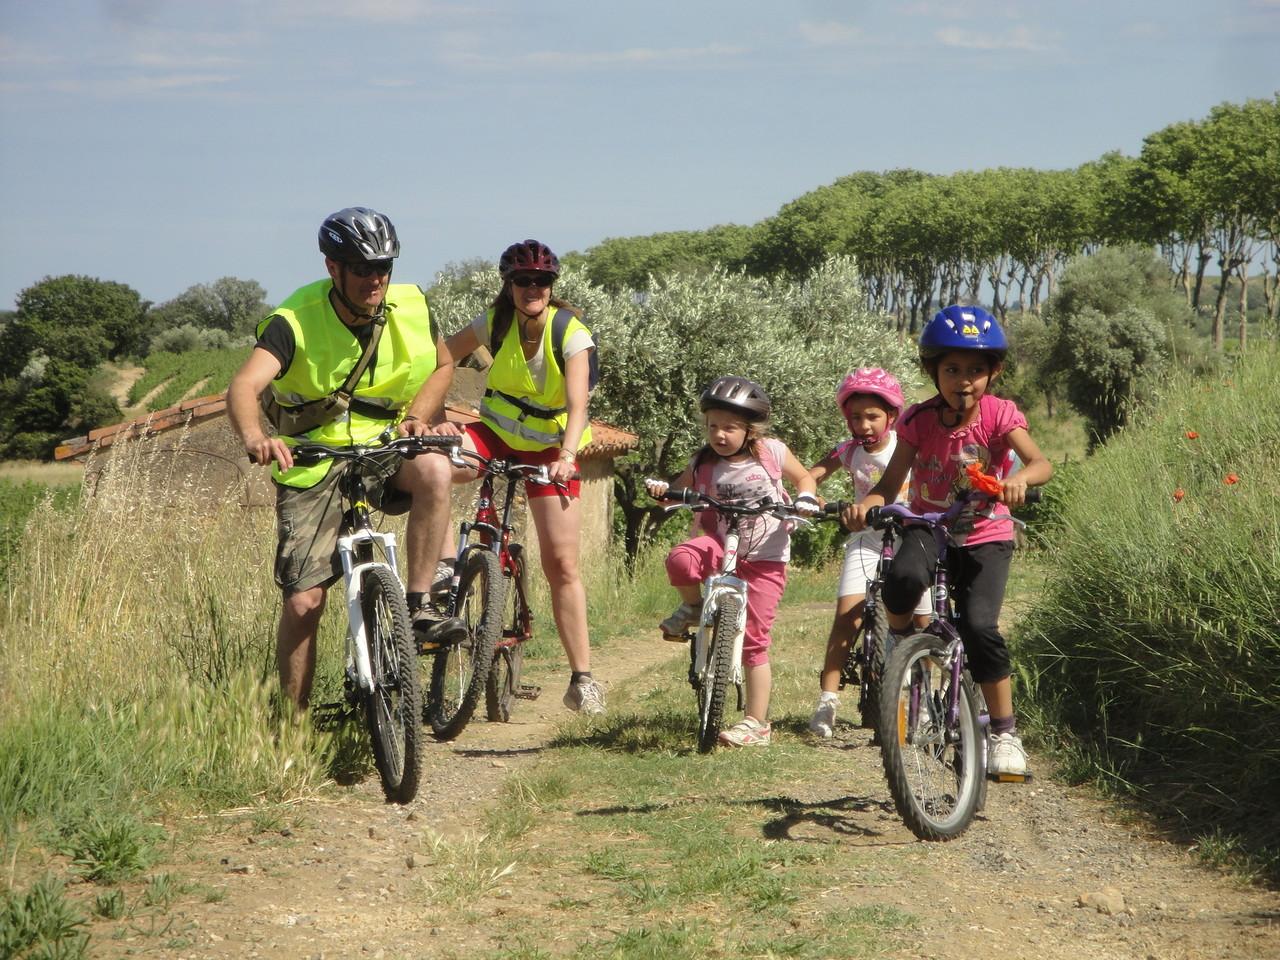 Sortie vélo autour de l'école entre Caux Roujan -Ozone